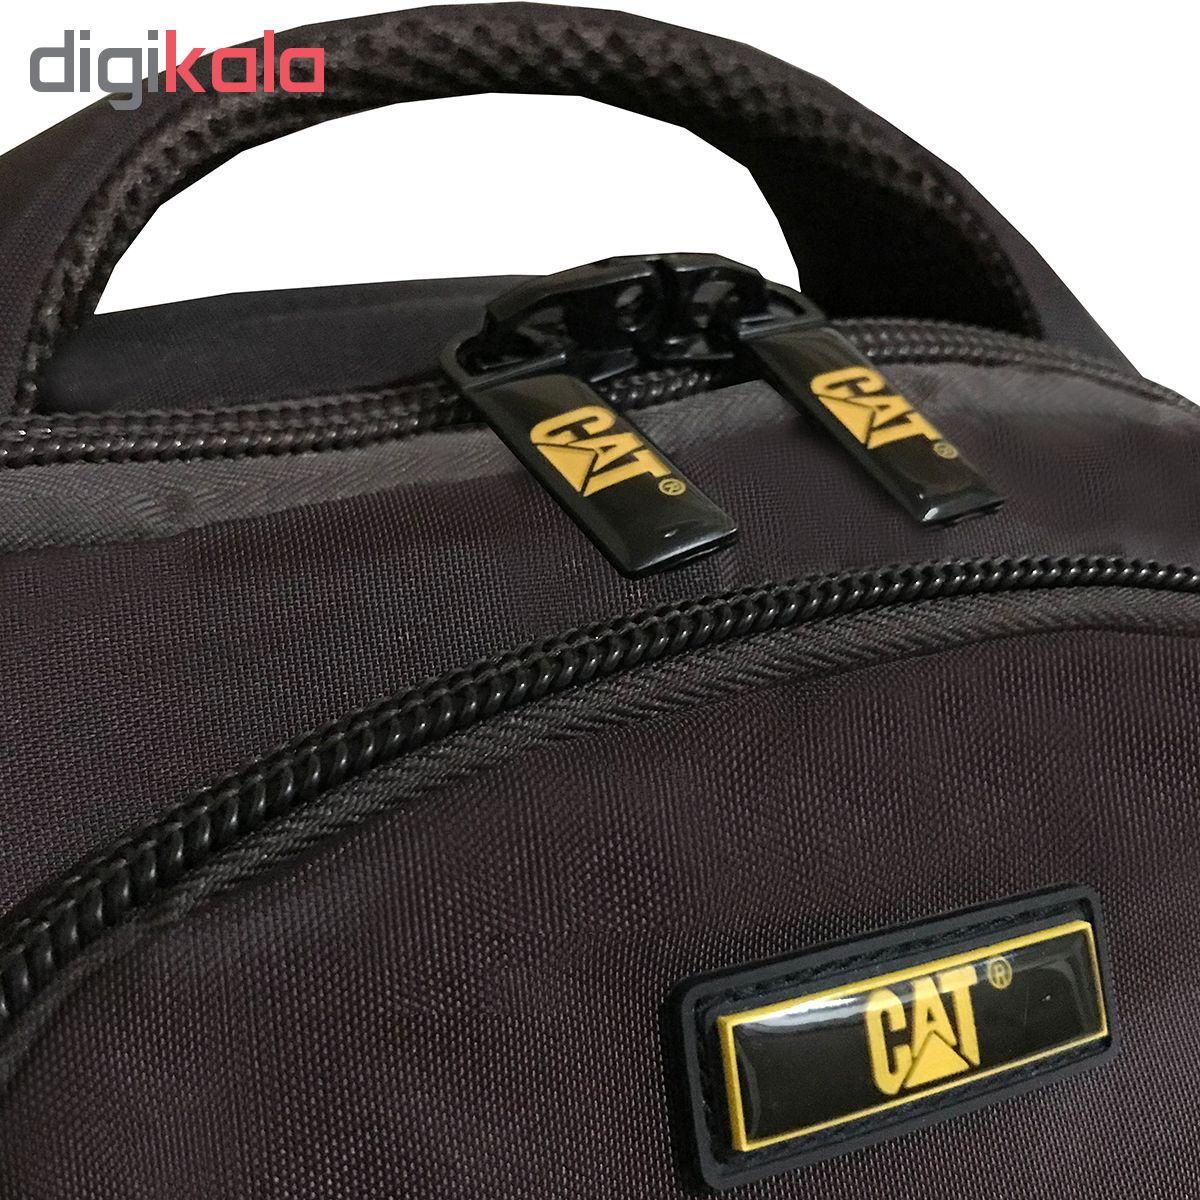 کوله پشتی لپ تاپ مدل CT-8406 مناسب برای لپ تاپ 16.4 اینچی